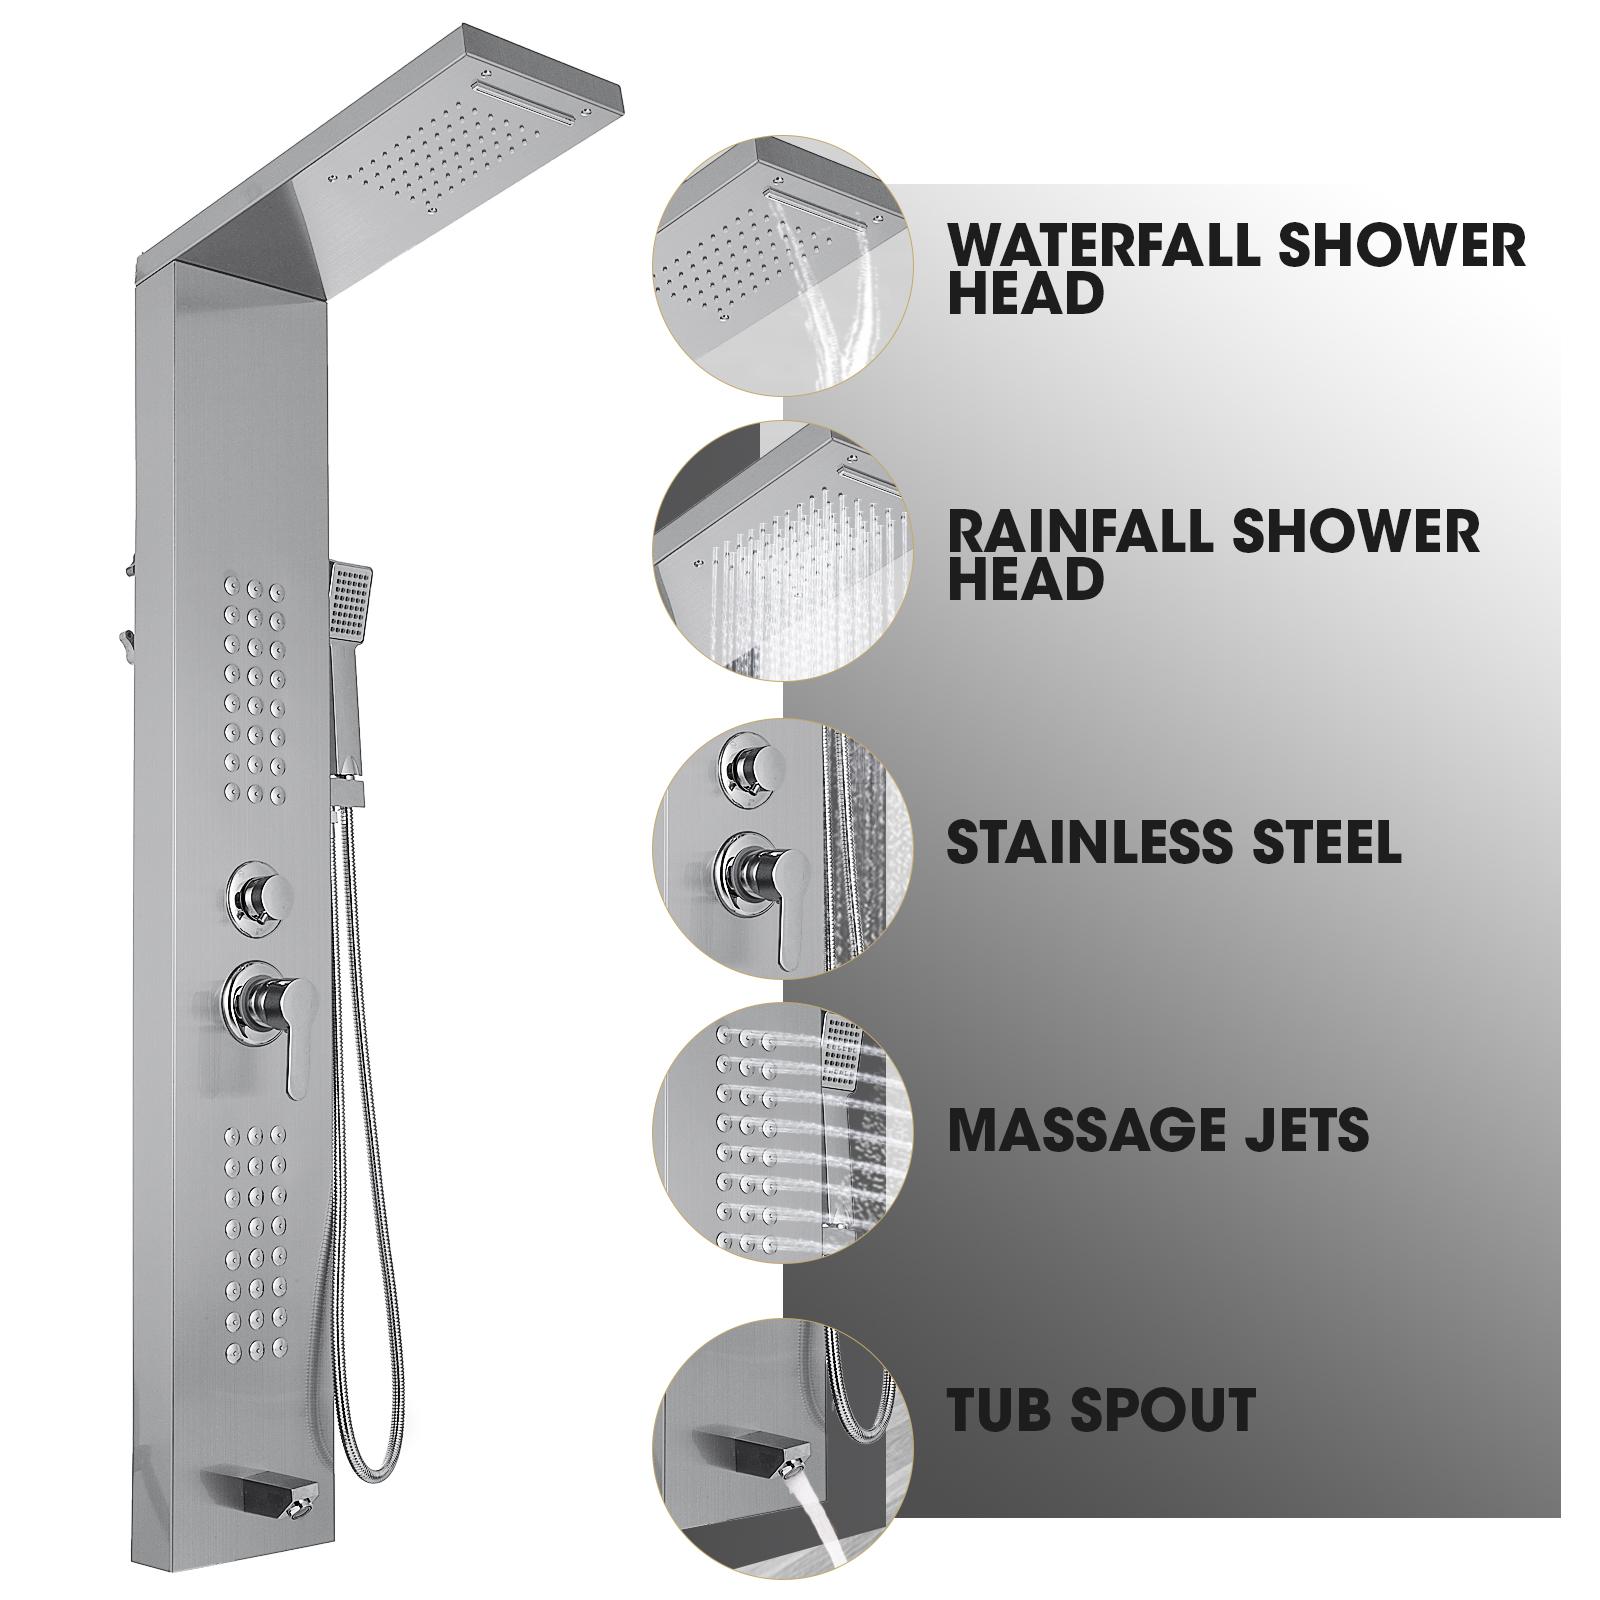 Pannello-doccia-idromassaggio-colonna-in-acciaio-inossidabile-con-miscelatore miniatura 66